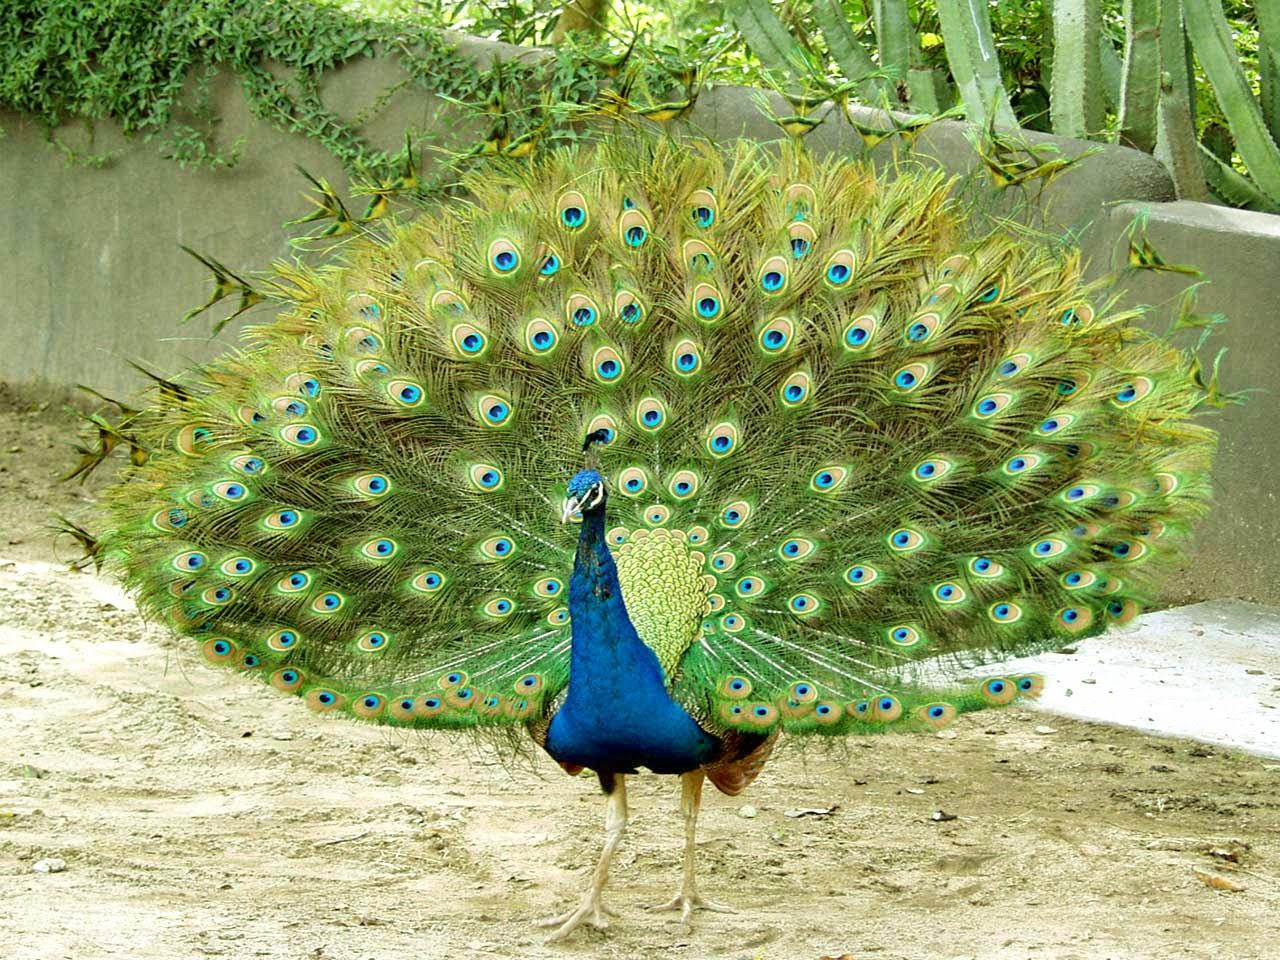 Download 650+ Foto Gambar Burung Merak Dan Penjelasannya HD Terbaru Free